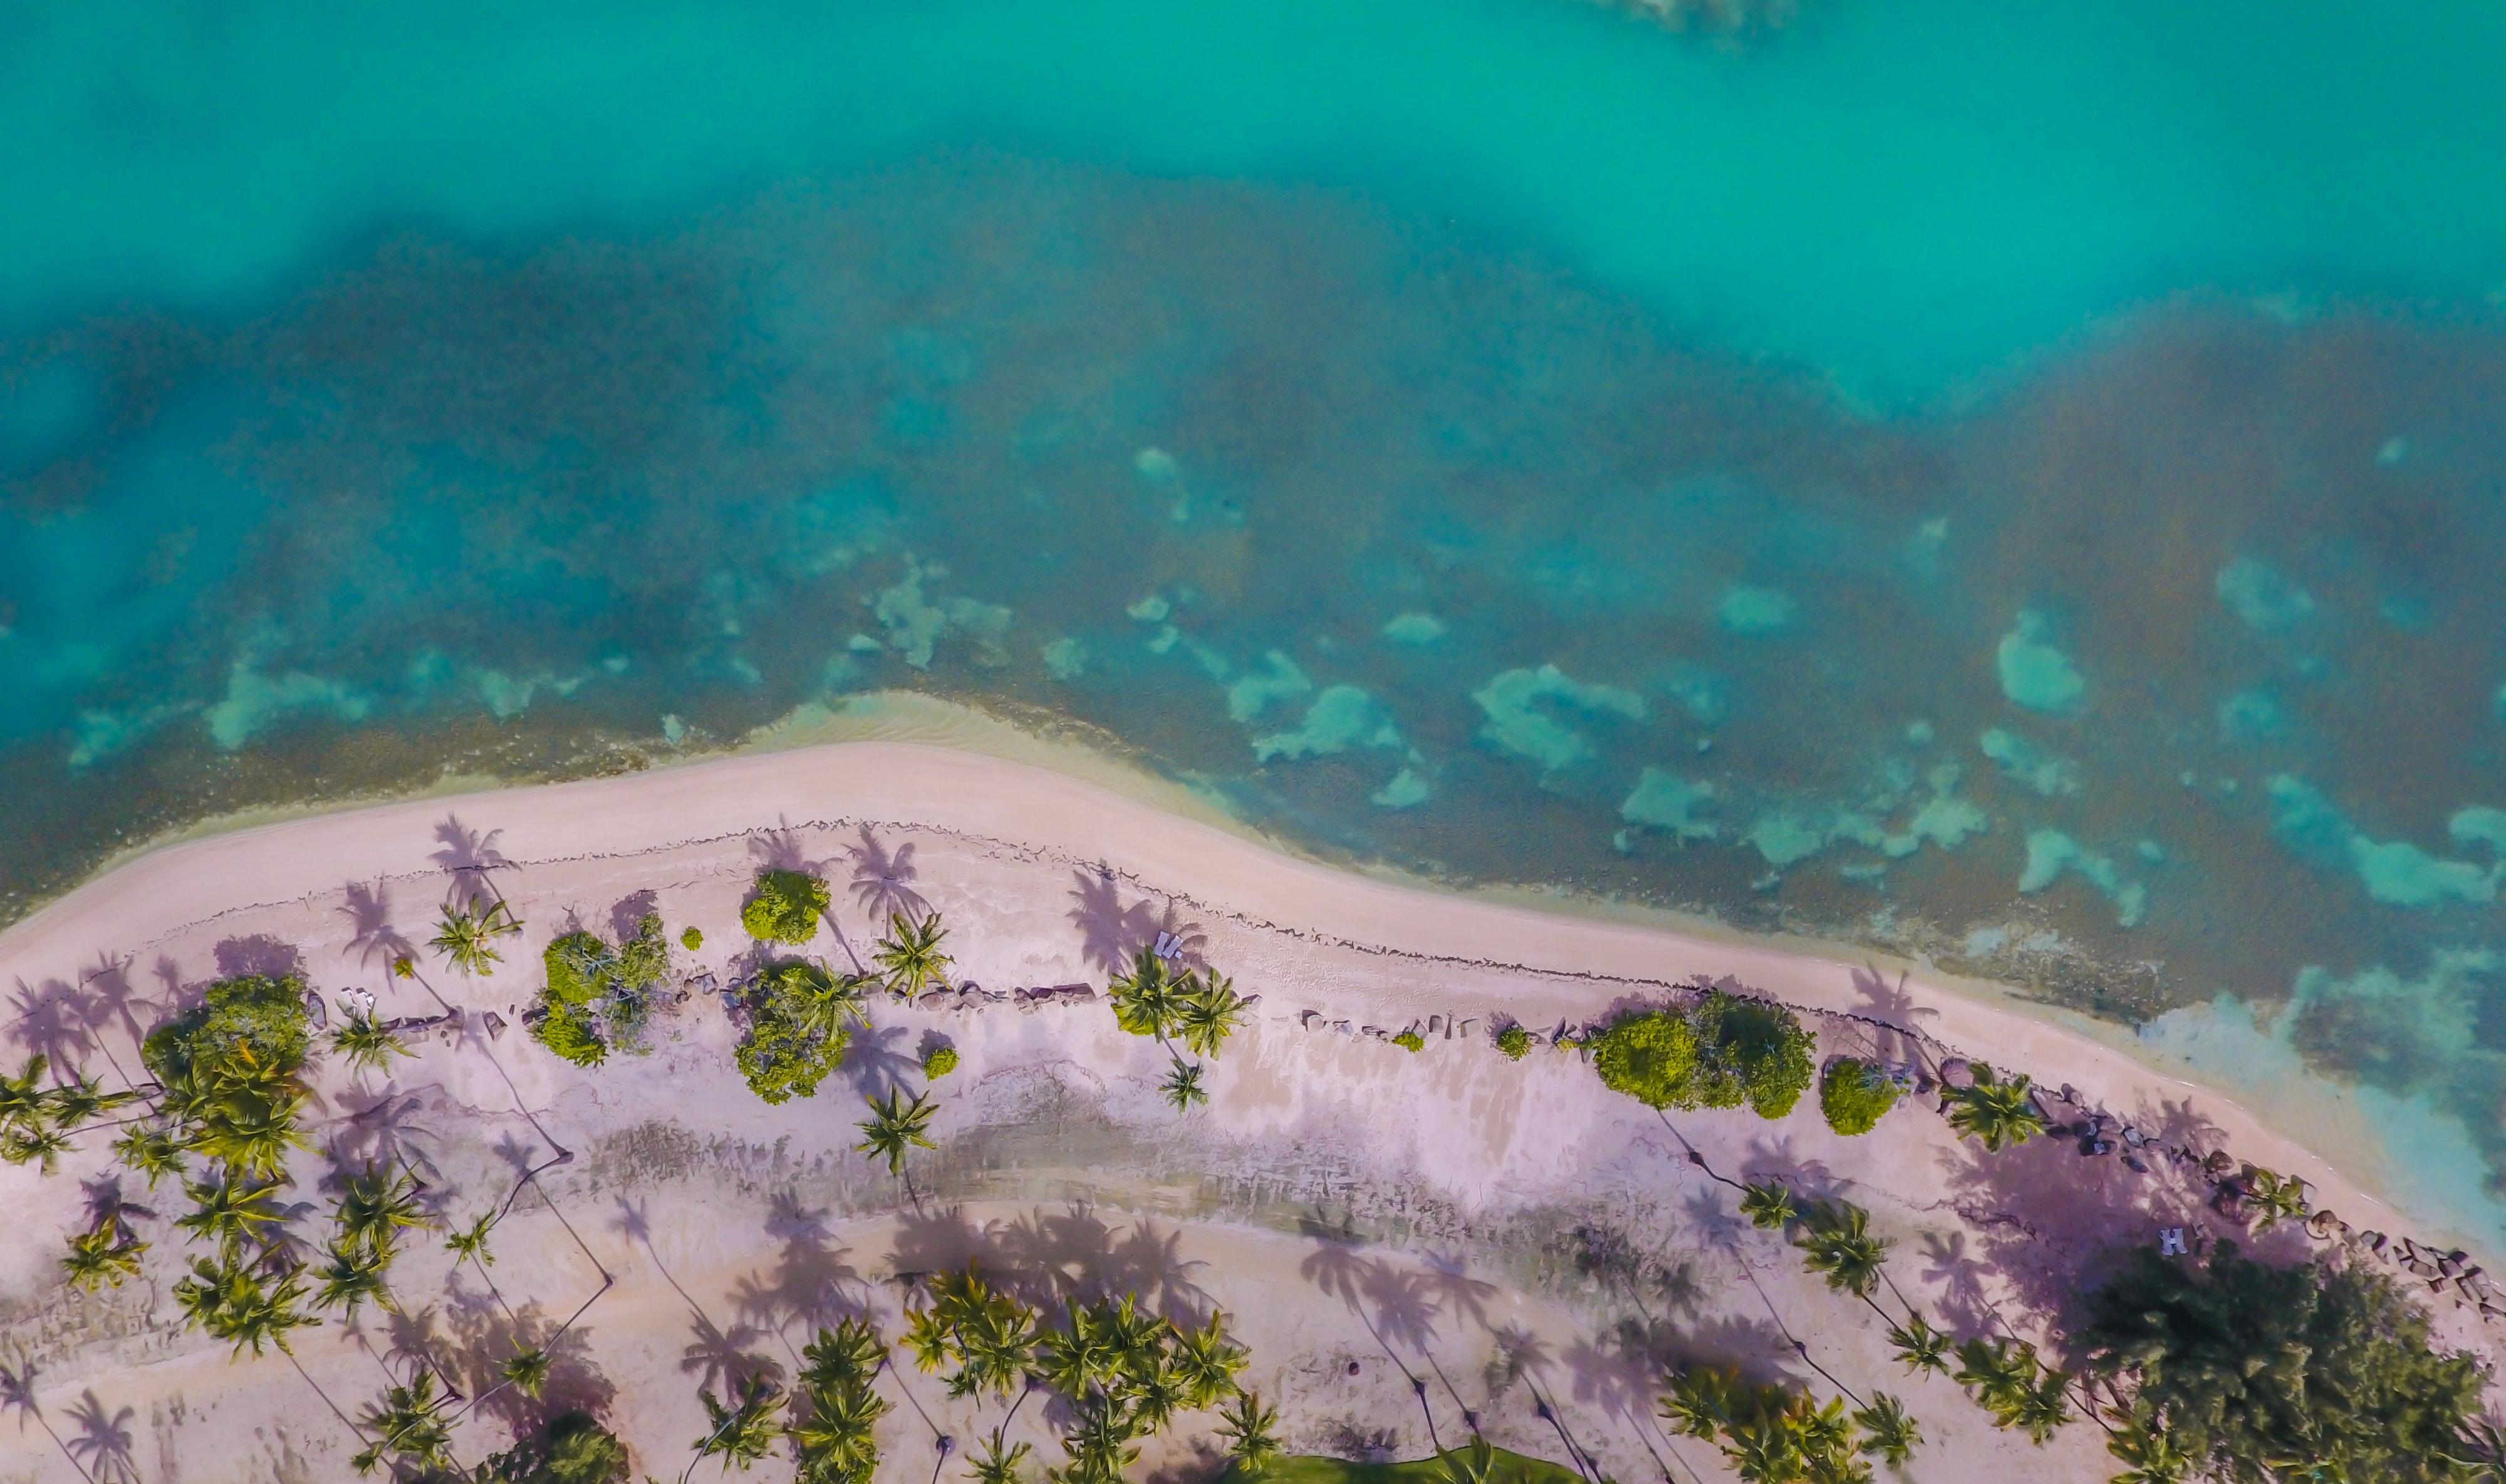 Vista aérea de una playa de Puerto Rico